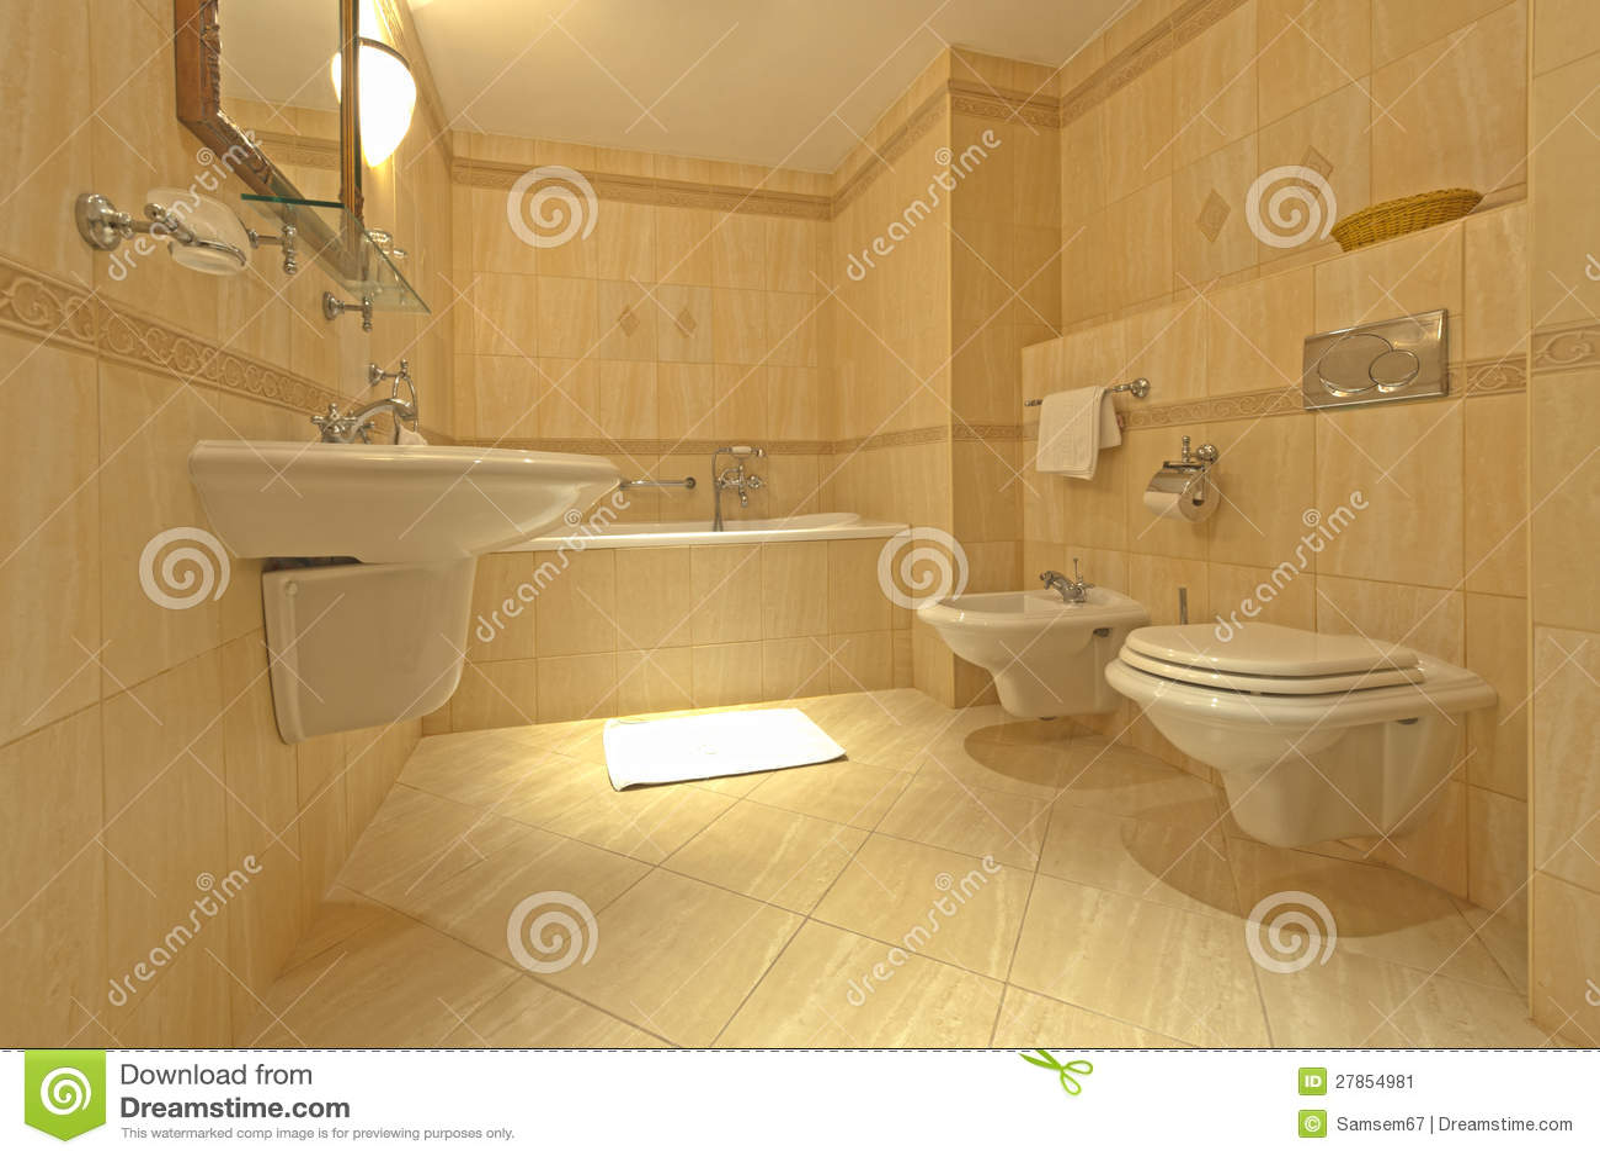 salle de bains avec le bidet et la carte de travail image stock image 27854981. Black Bedroom Furniture Sets. Home Design Ideas